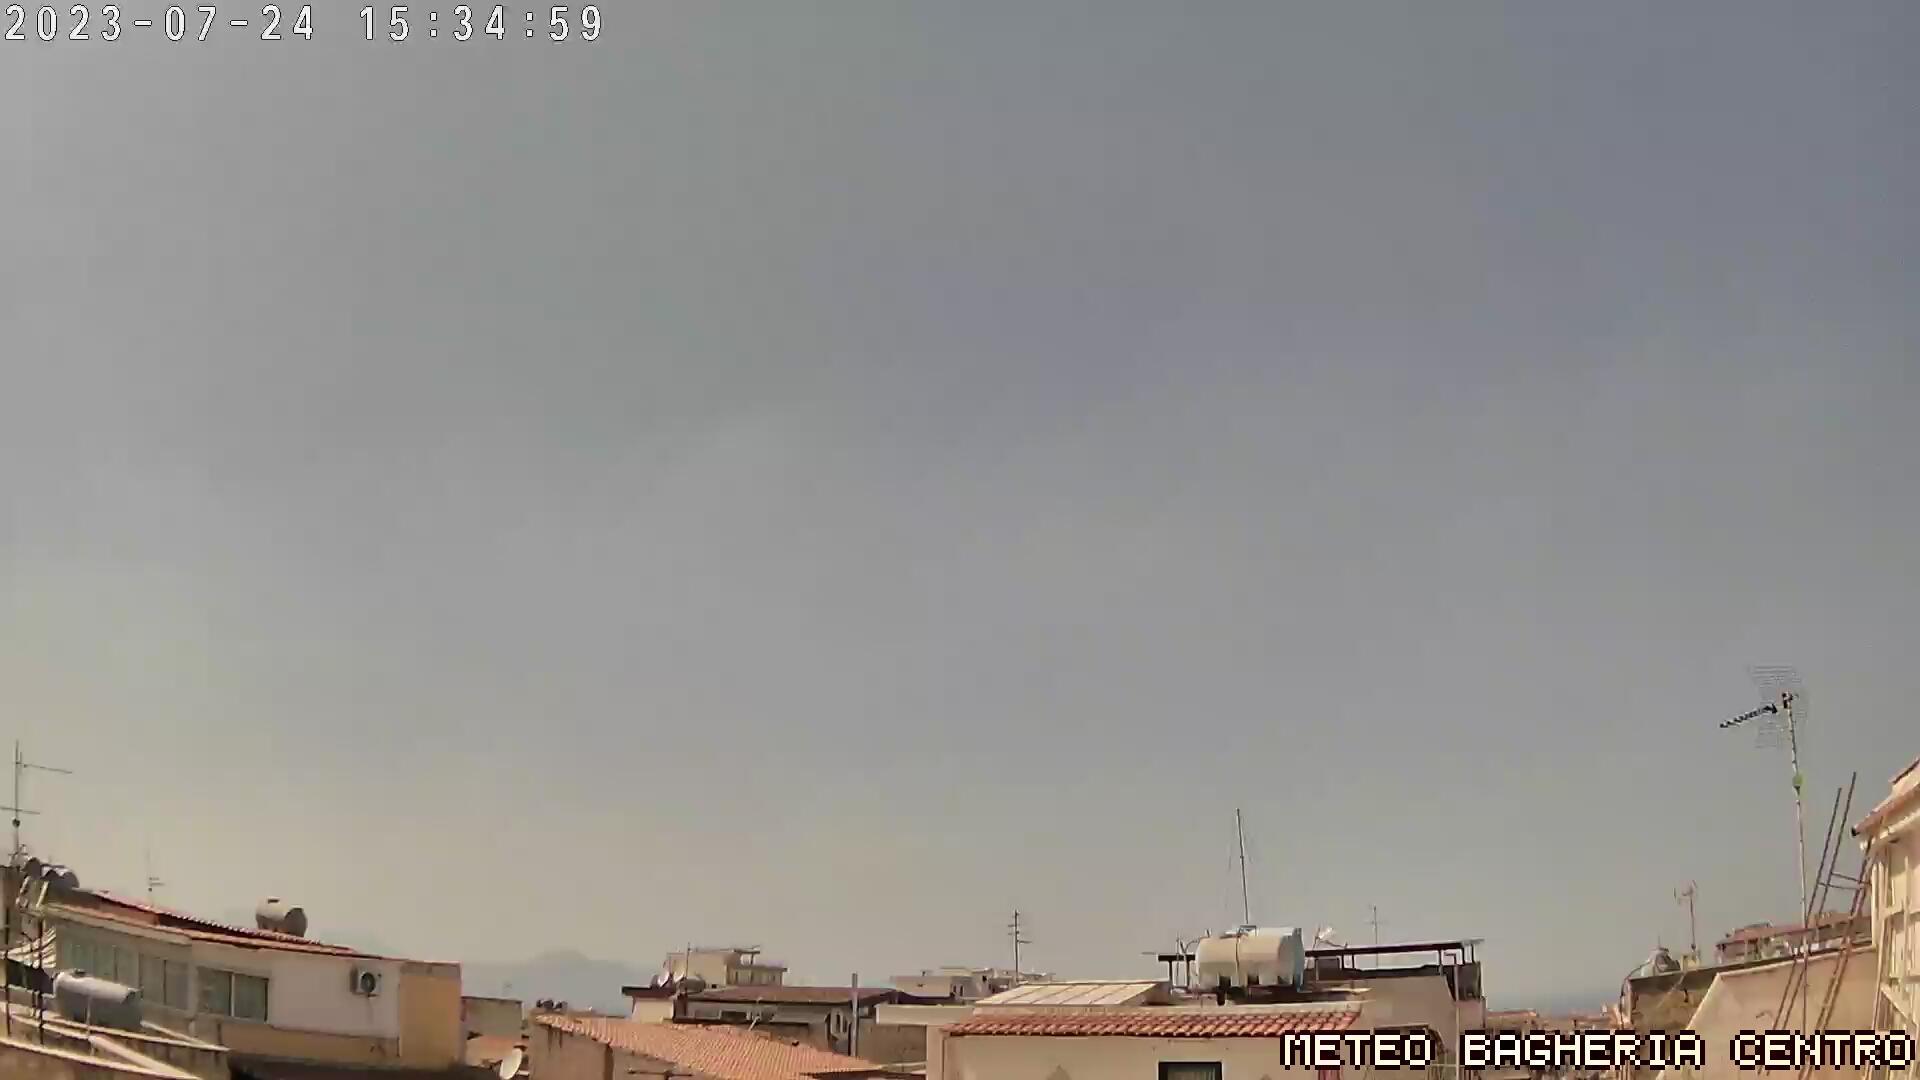 Webcam Bagheria: Centro